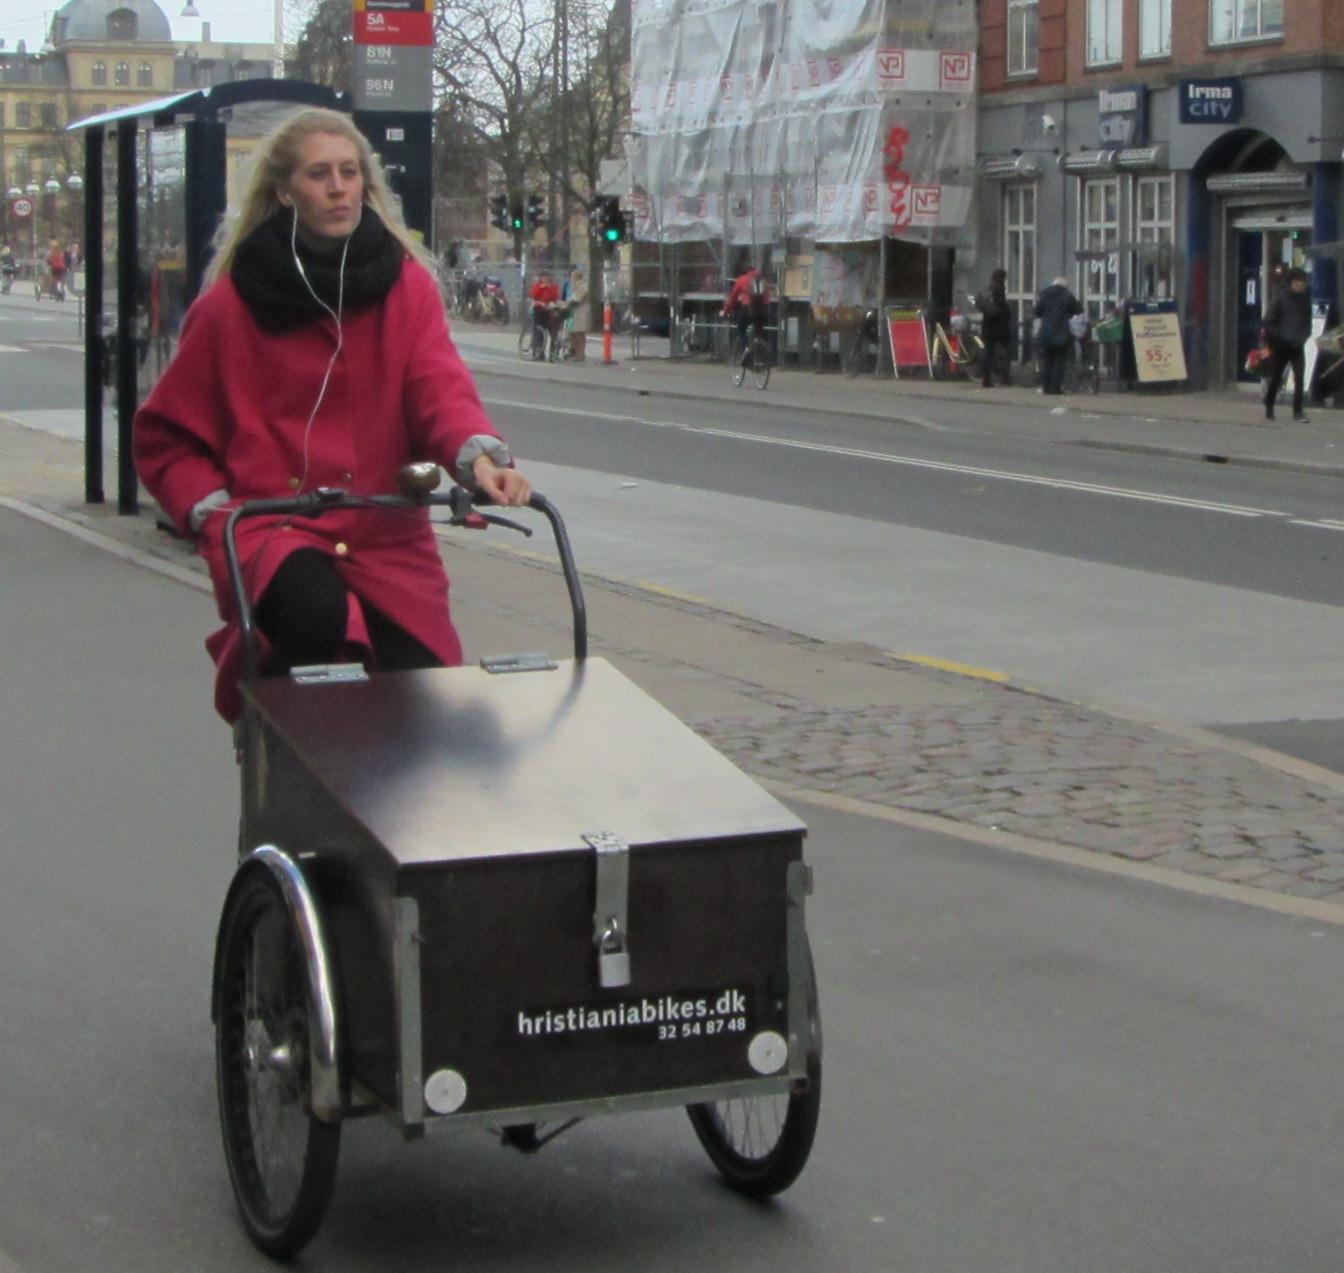 cargo-bike-mum